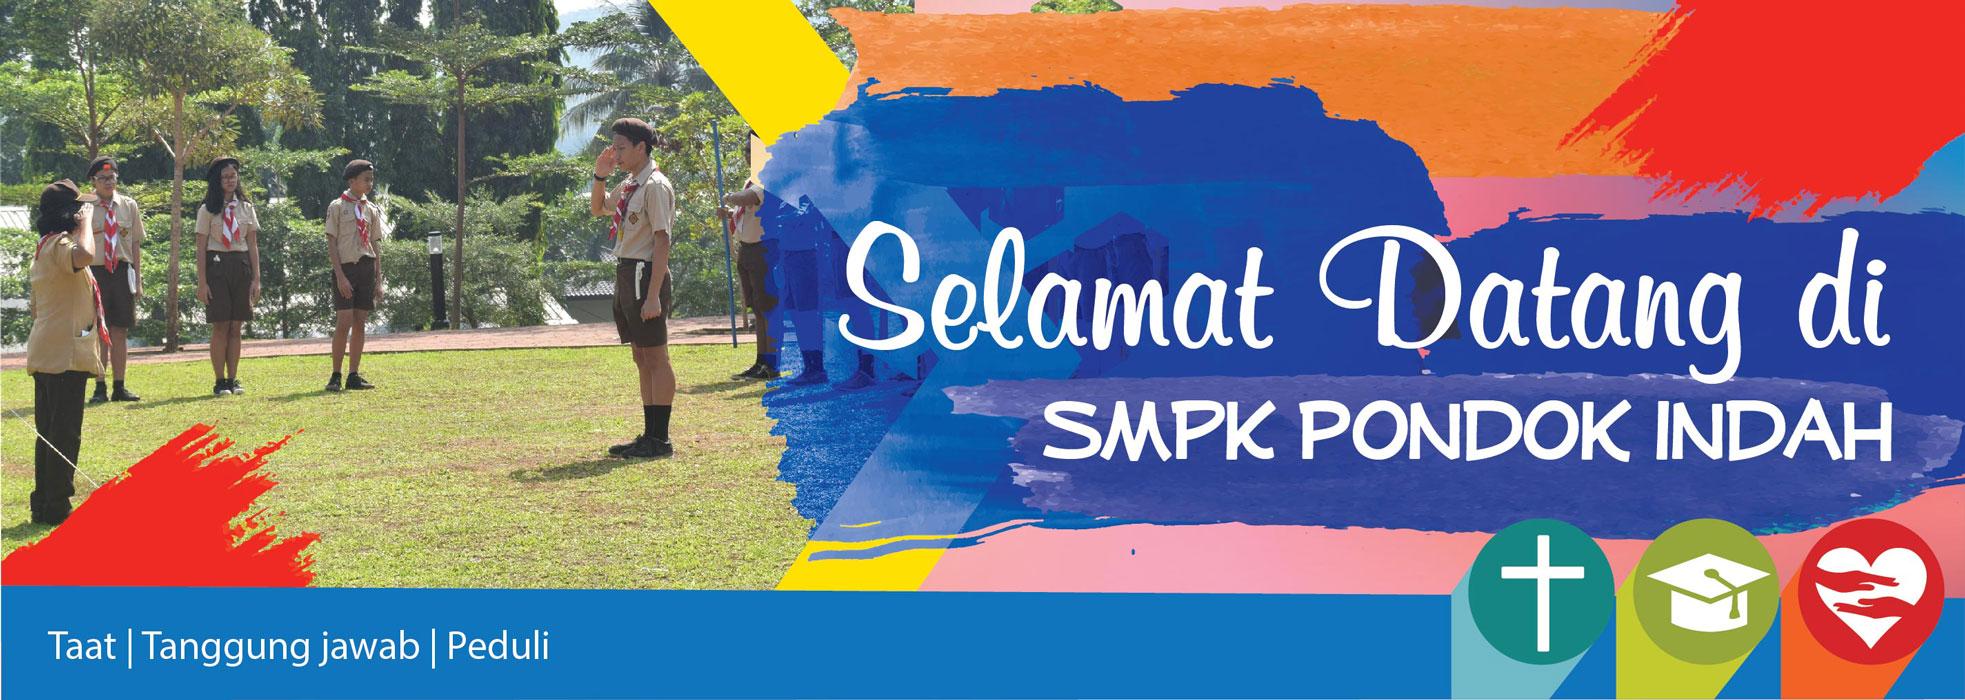 banner-header-SMP-Pi